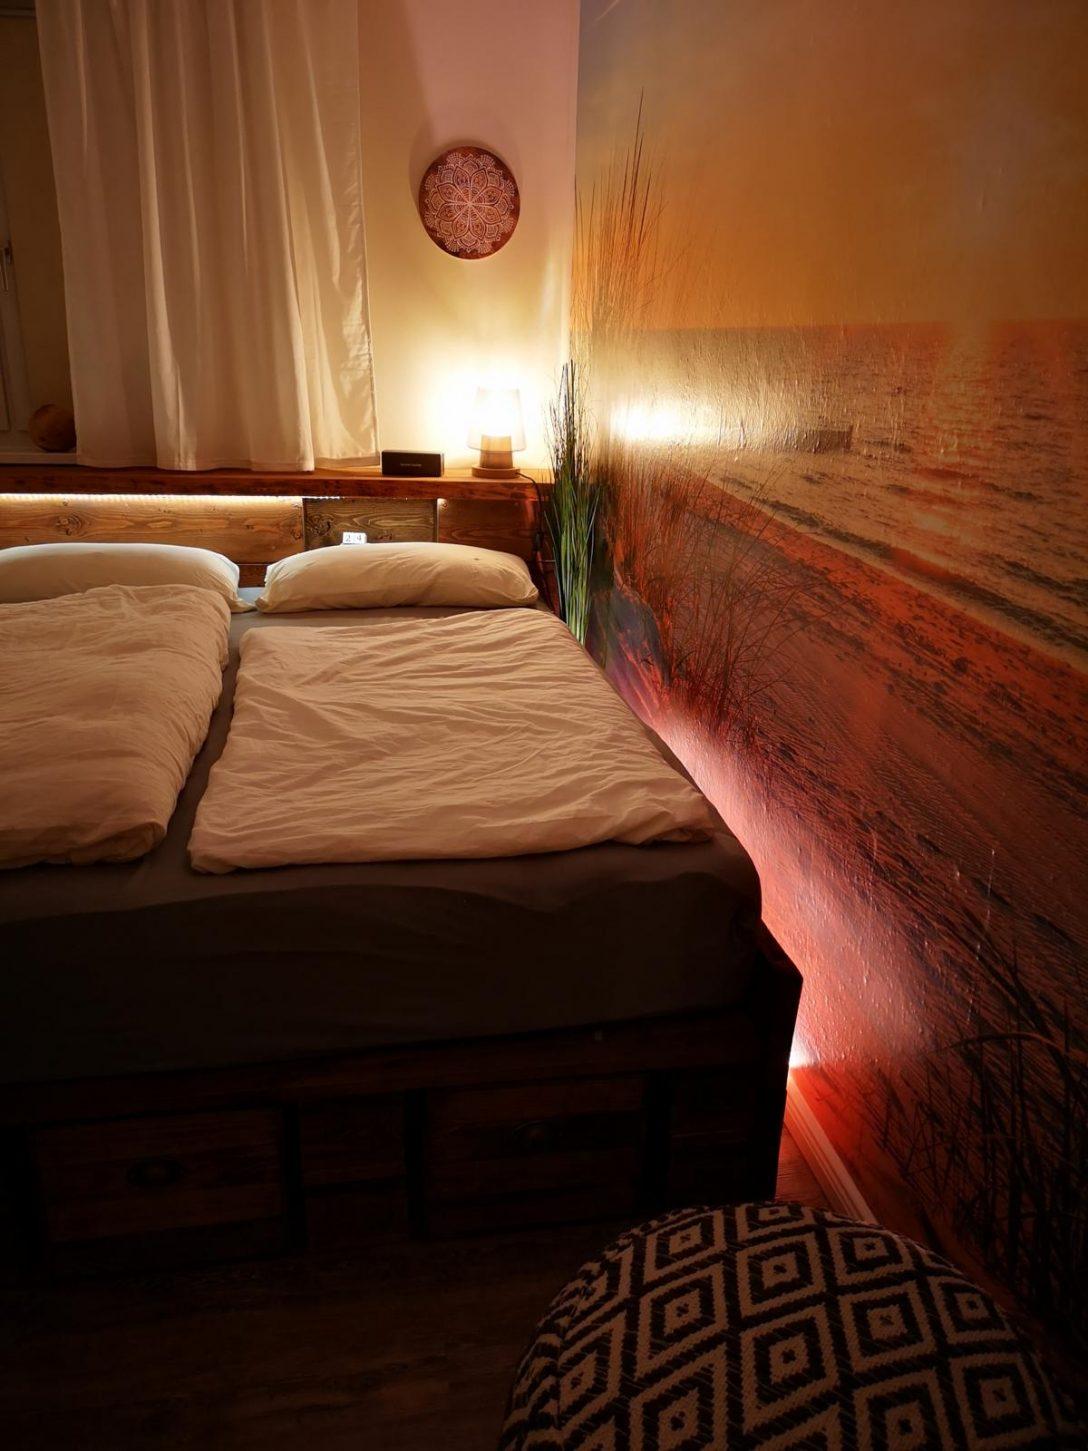 Large Size of Bett Aus Paletten Kaufen Palettenbett Selber Bauen Europaletten Betten Sofa Online Küche Mit Elektrogeräten Bette Badewannen Einzelbett Günstig Moderne Bett Bett Aus Paletten Kaufen